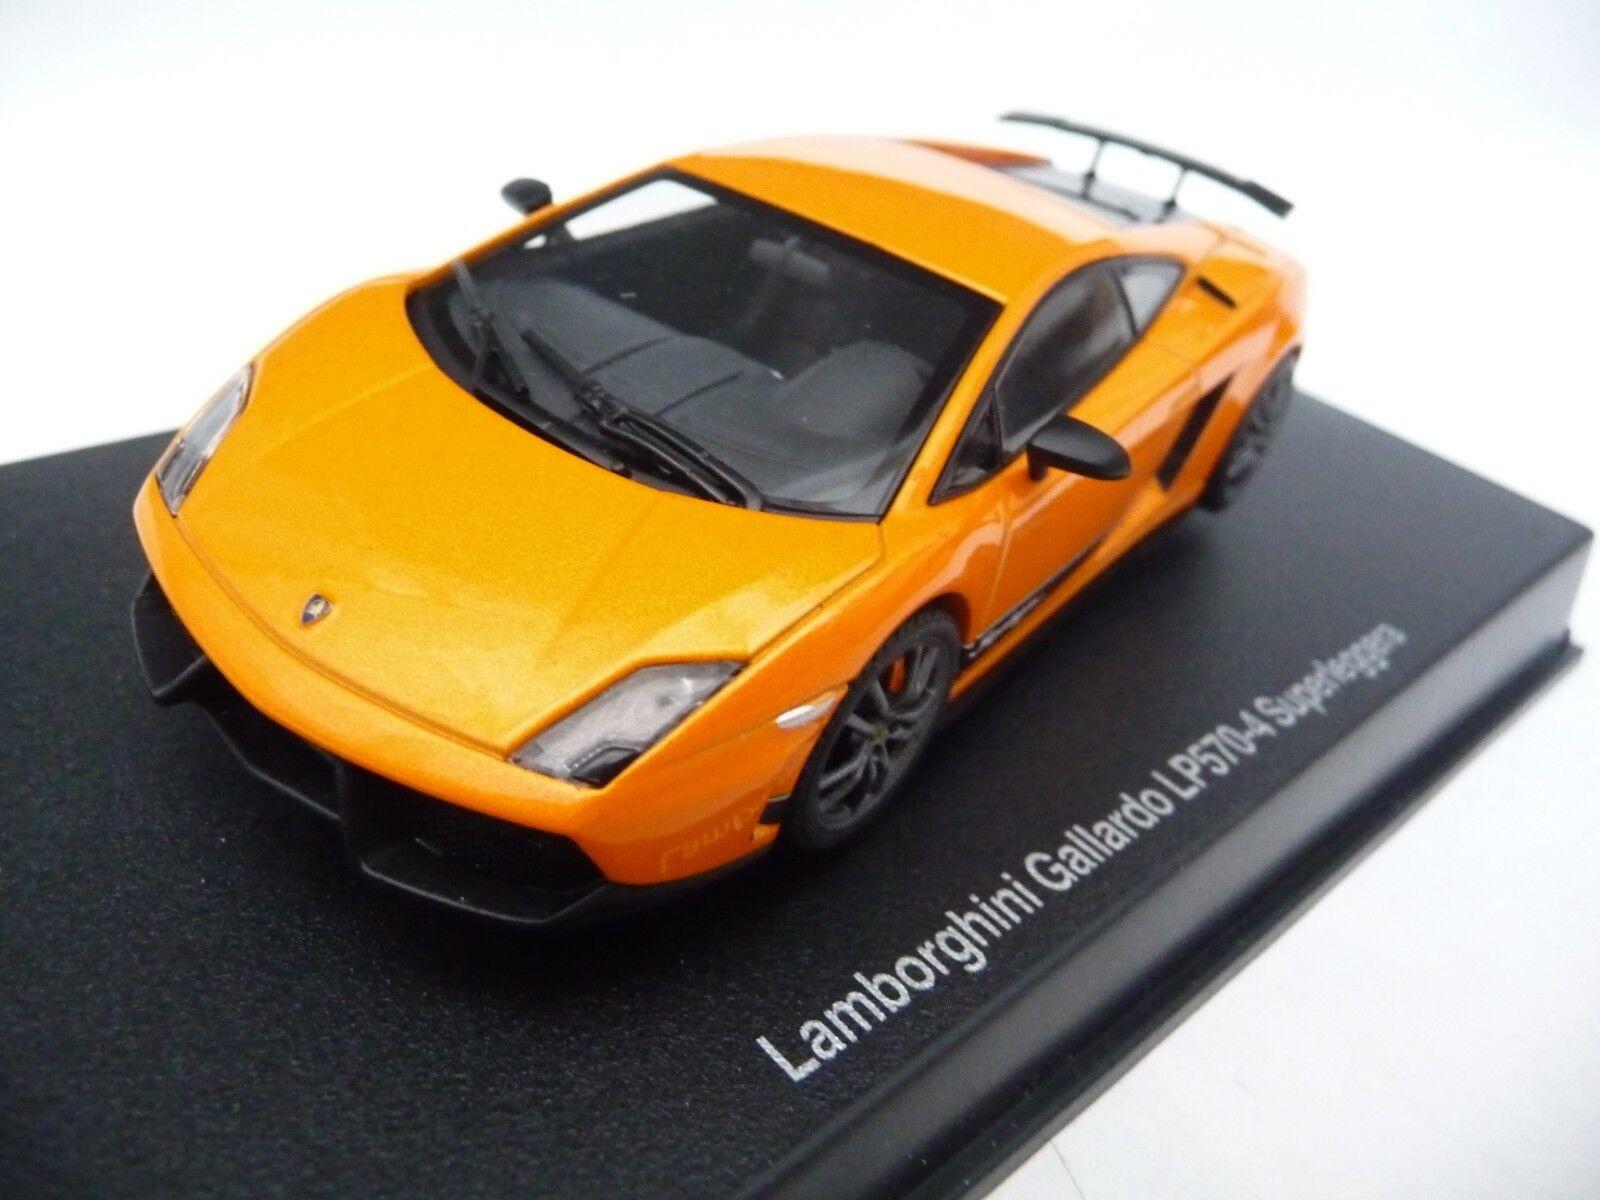 AUTOart 1 43 Lamborghini Gallardo LP570-4 Superleggera Metallic orange AA54641